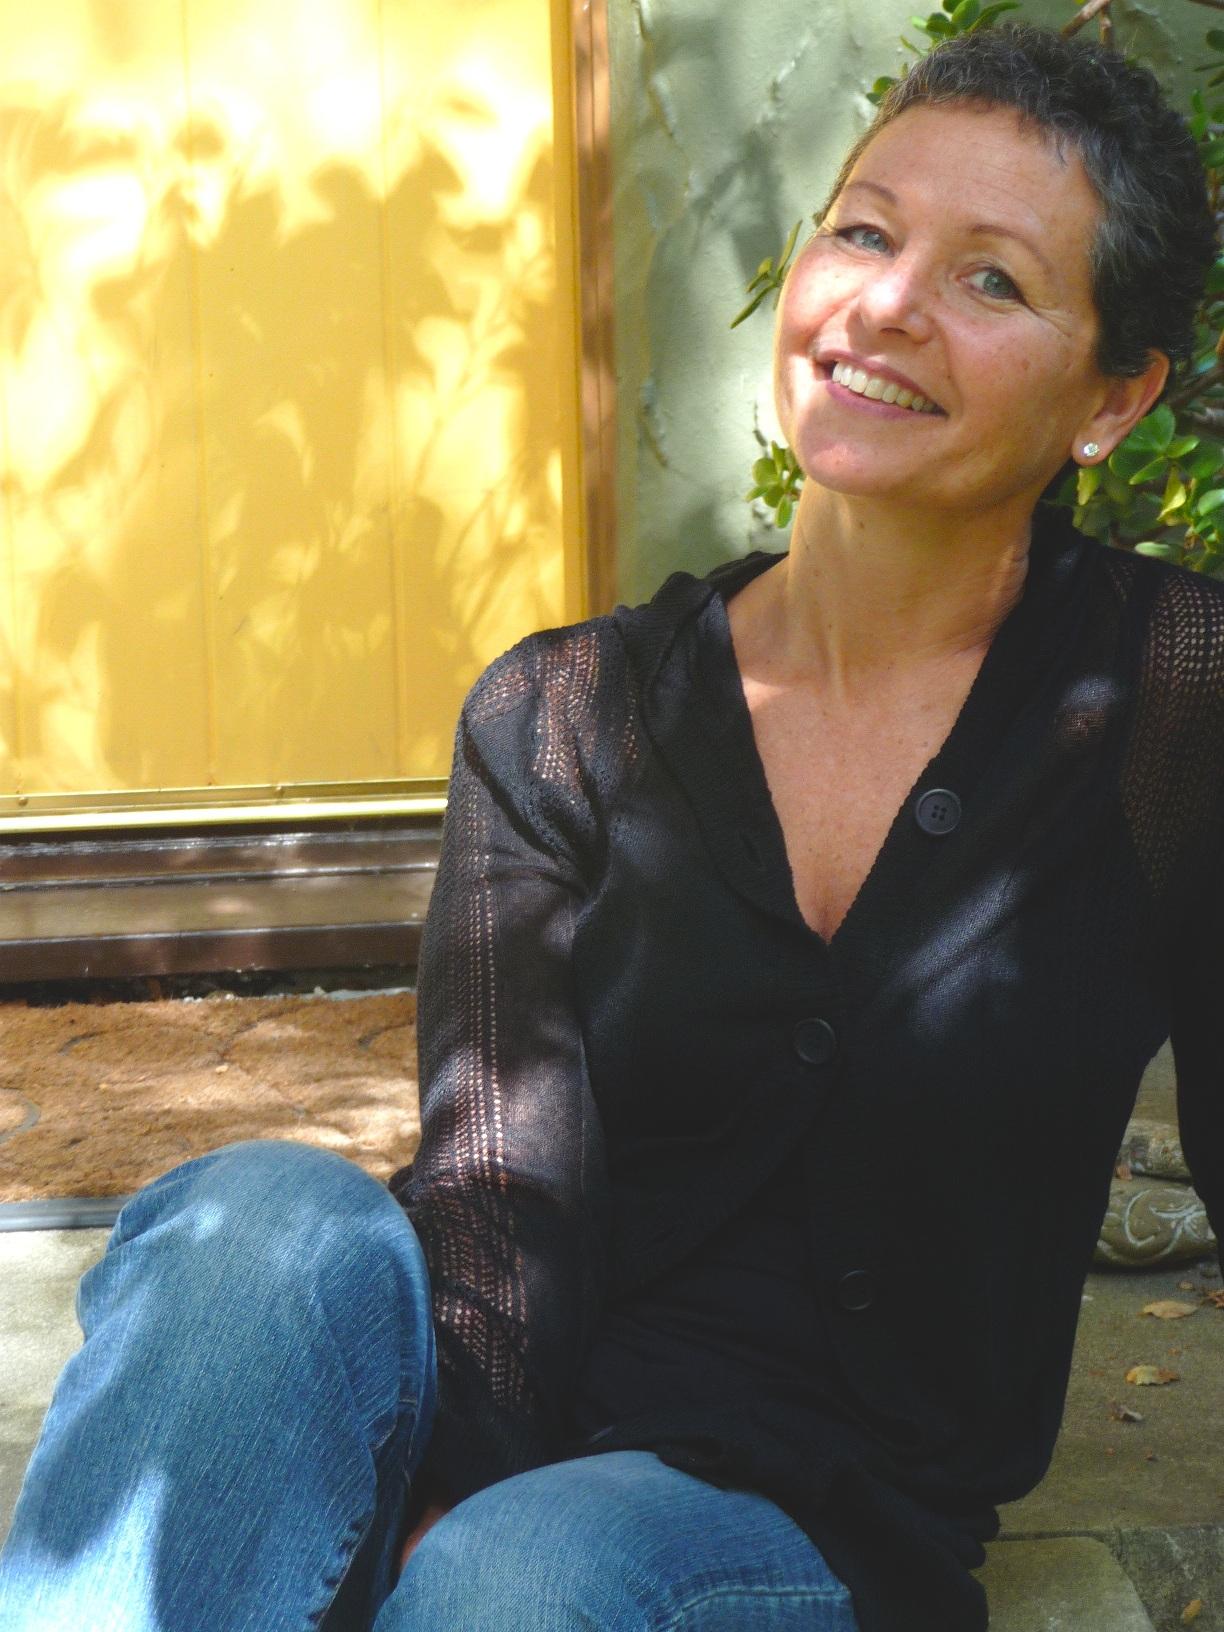 Photograph of Elizabeth Rosner